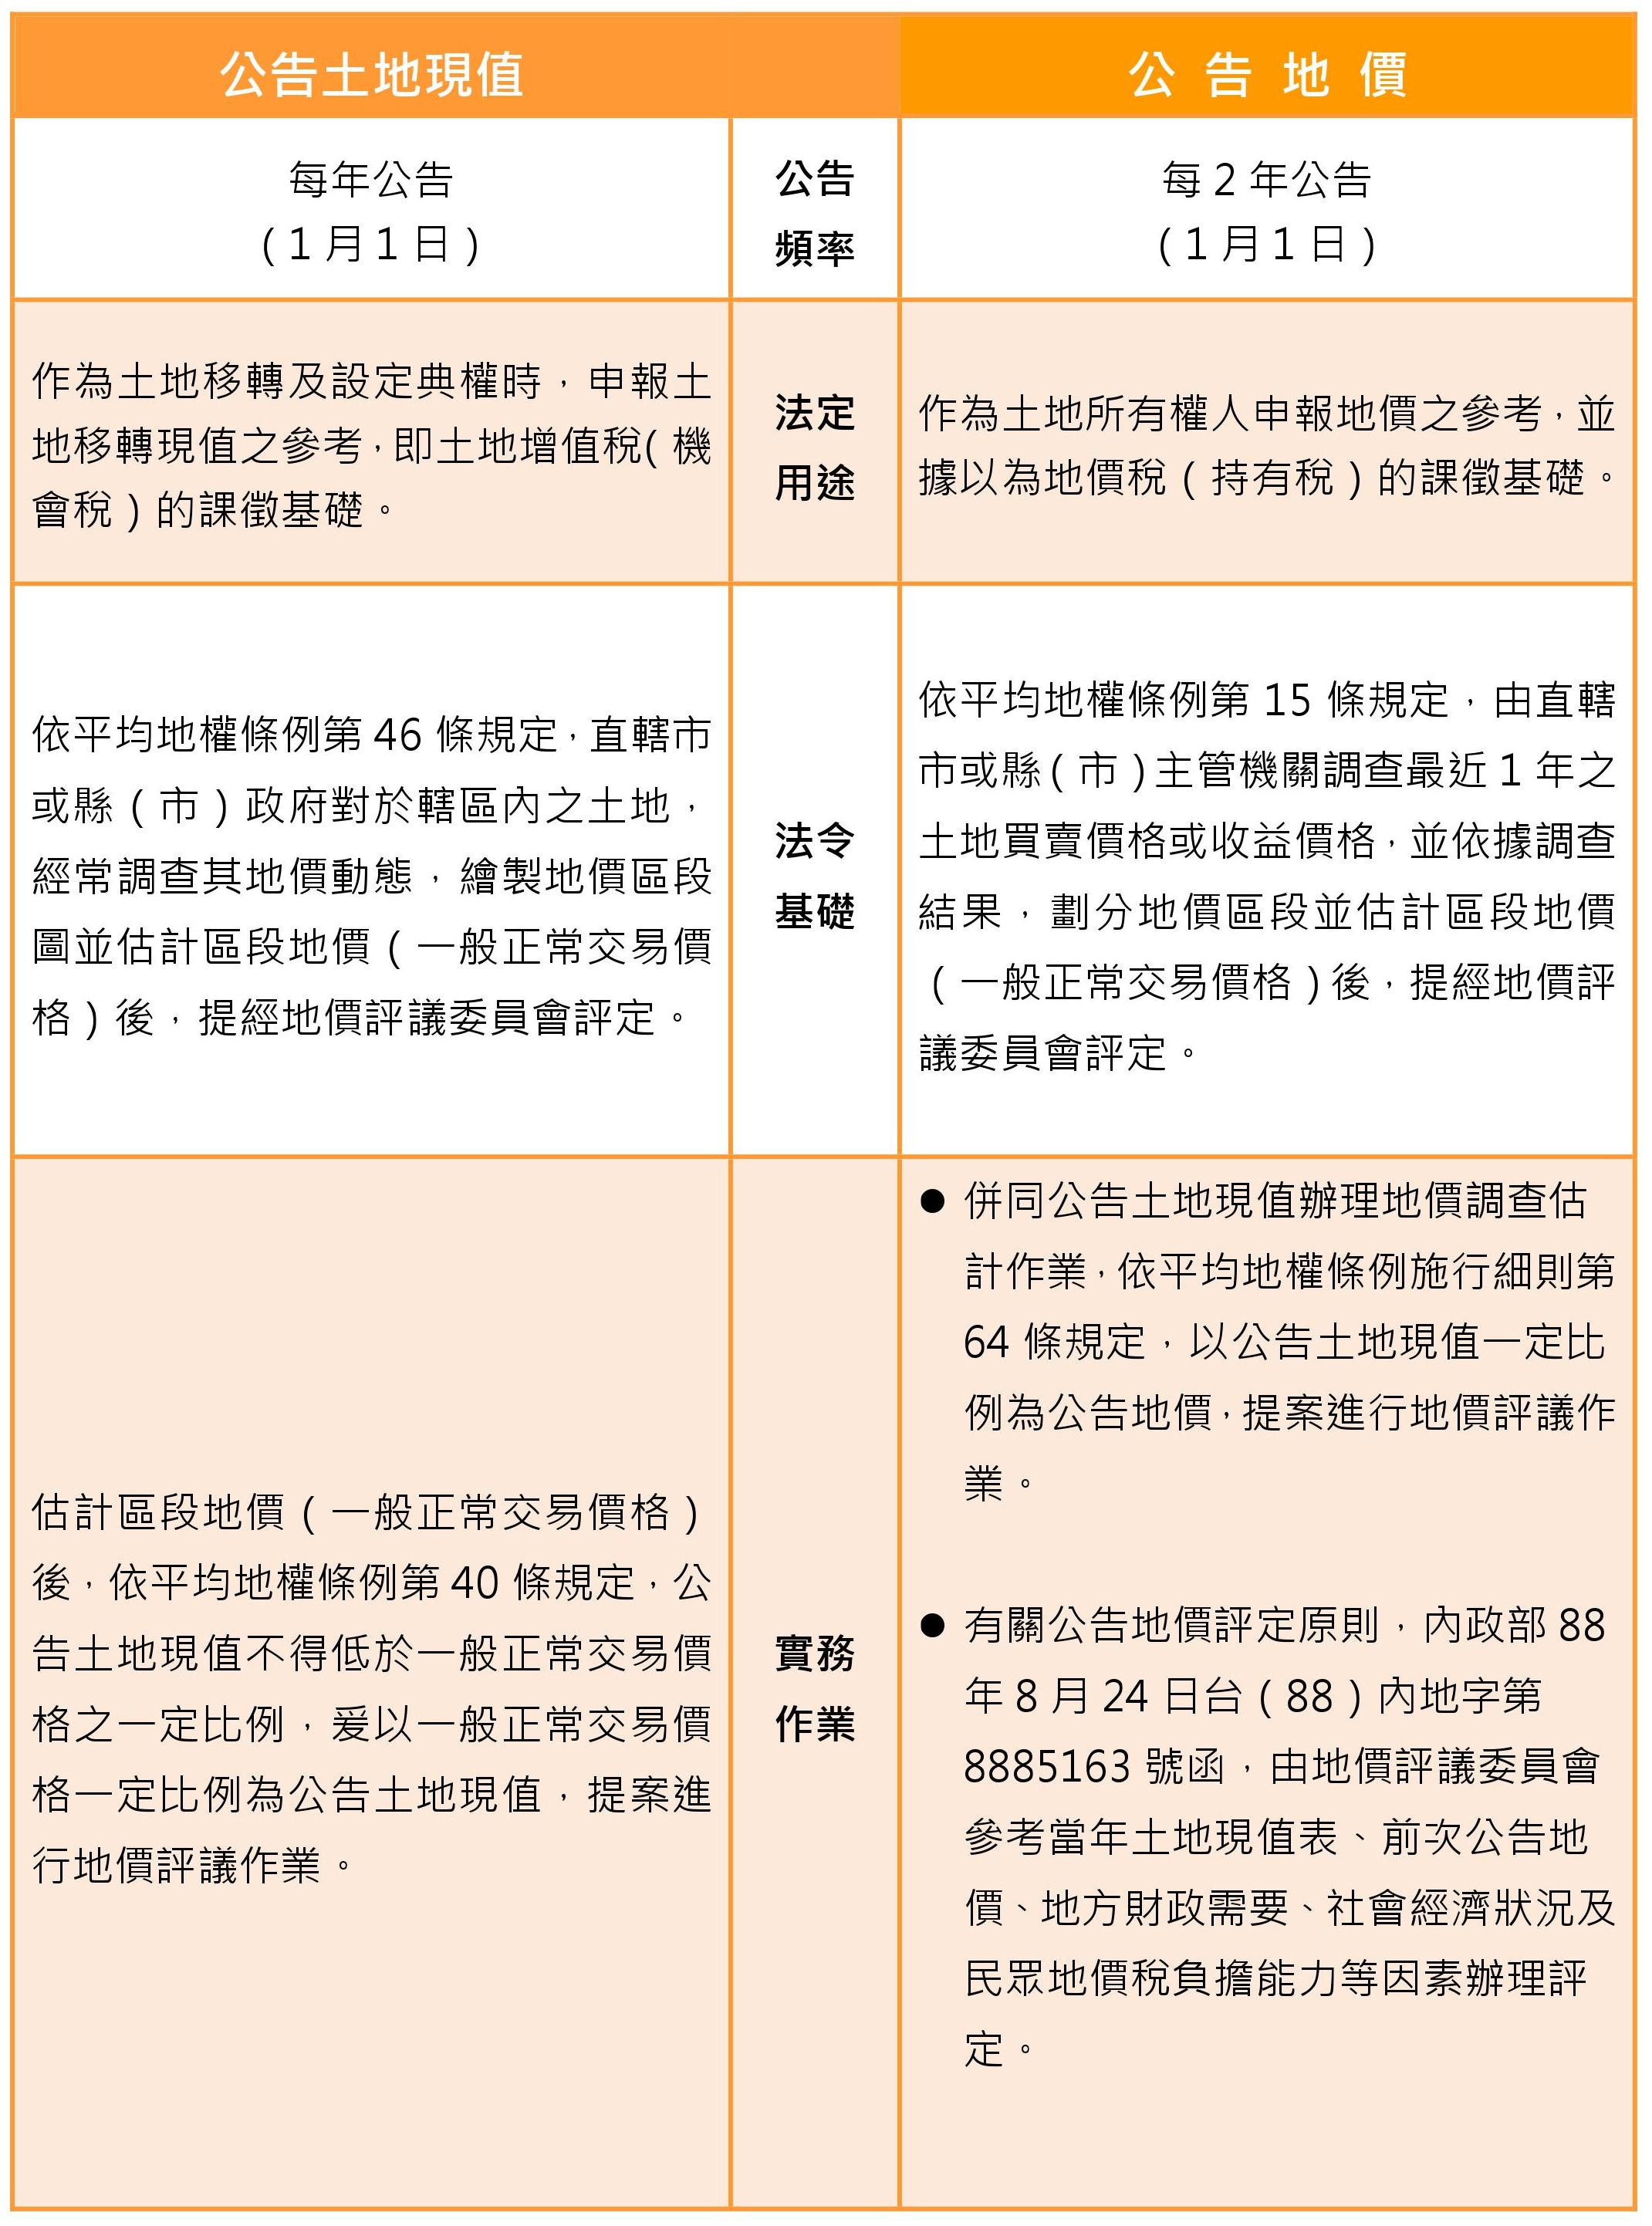 公告土地現值及公告土地簡介(表格)